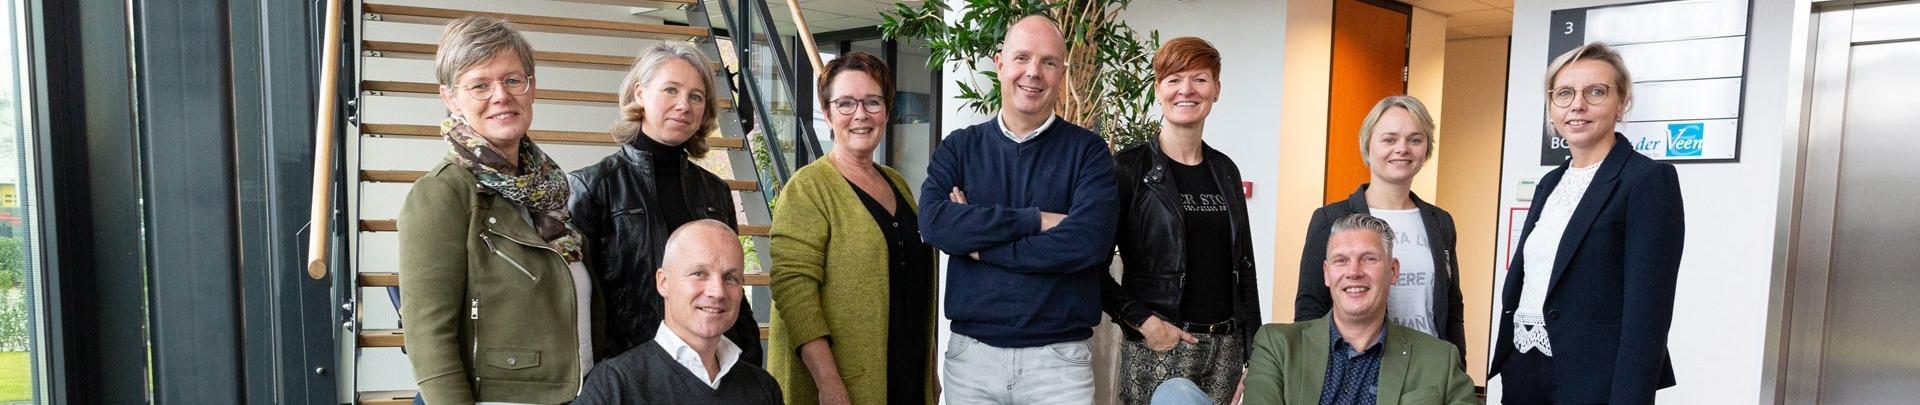 Het team van Van der Veen Financieel Advies